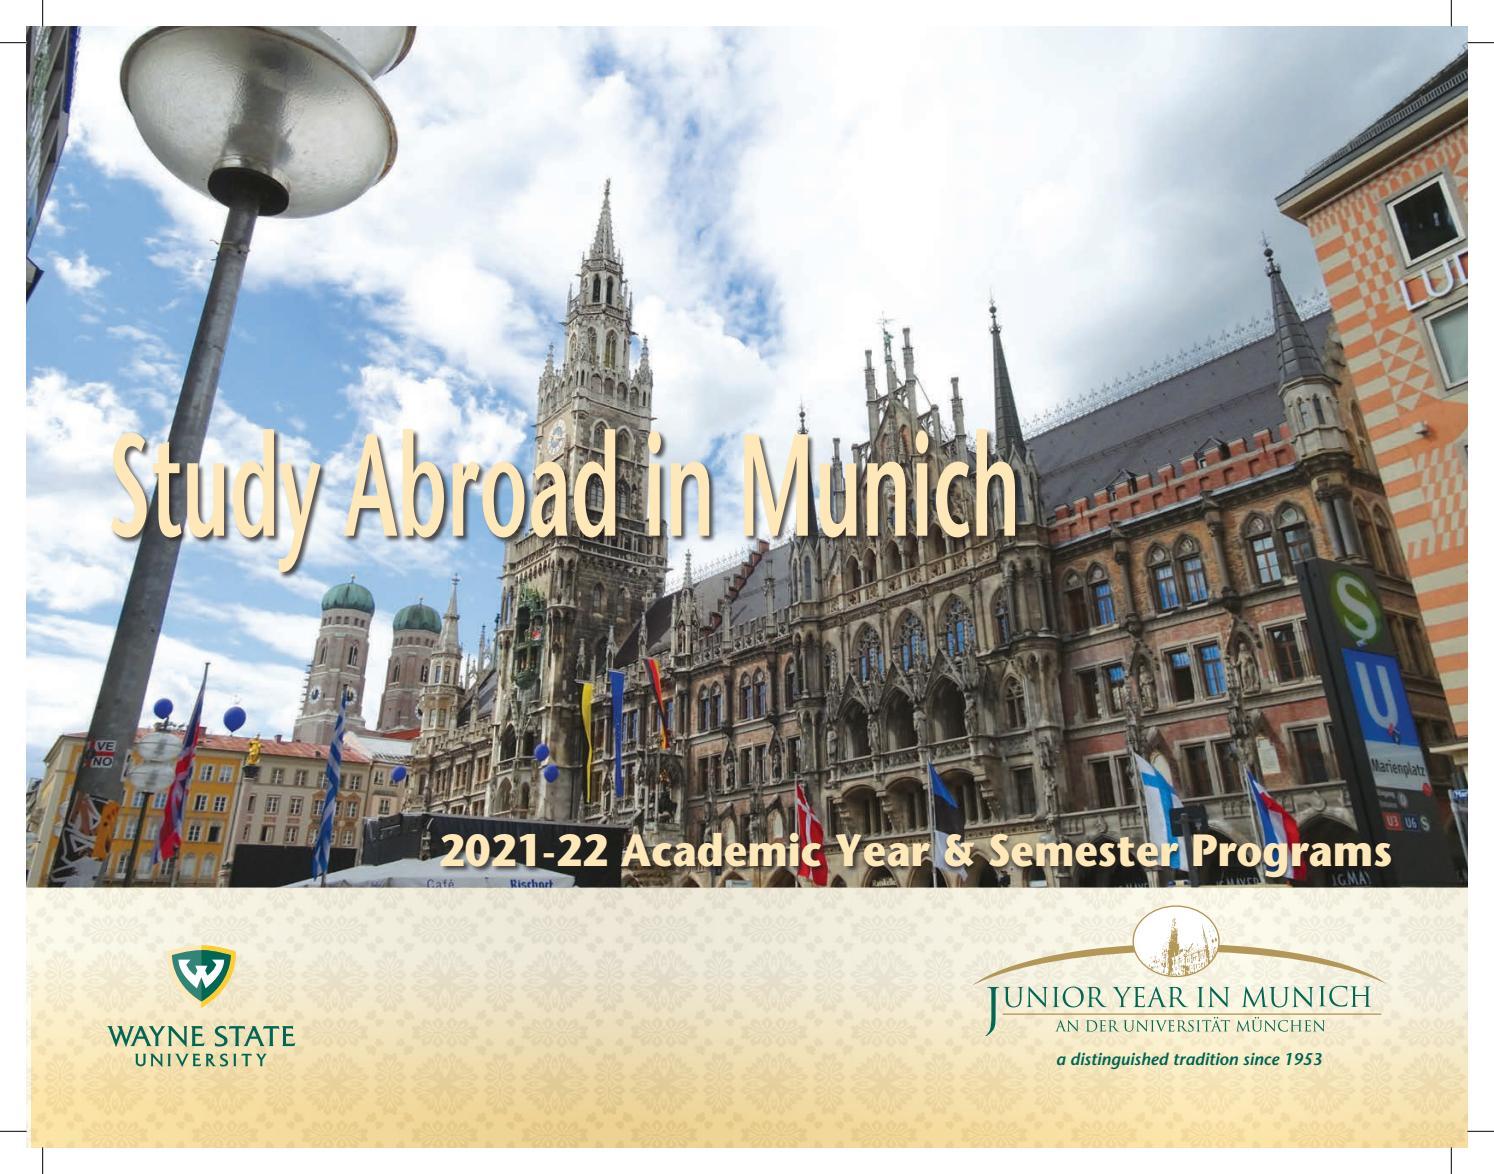 Lmu Academic Calendar 2022.2021 2022 Jym Brochure By Junior Year In Munich Issuu